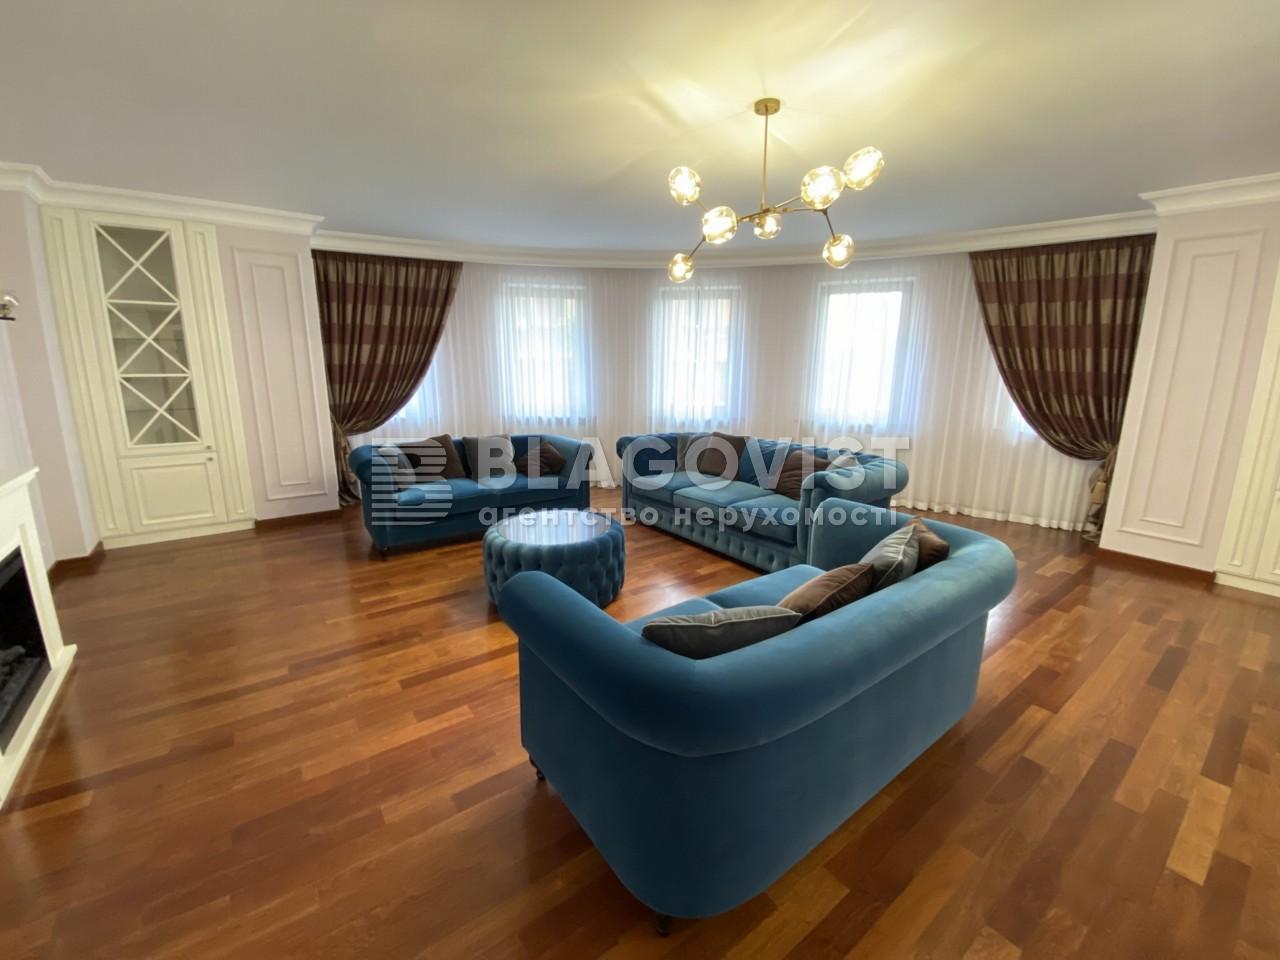 Квартира H-47355, Старонаводницкая, 13, Киев - Фото 10